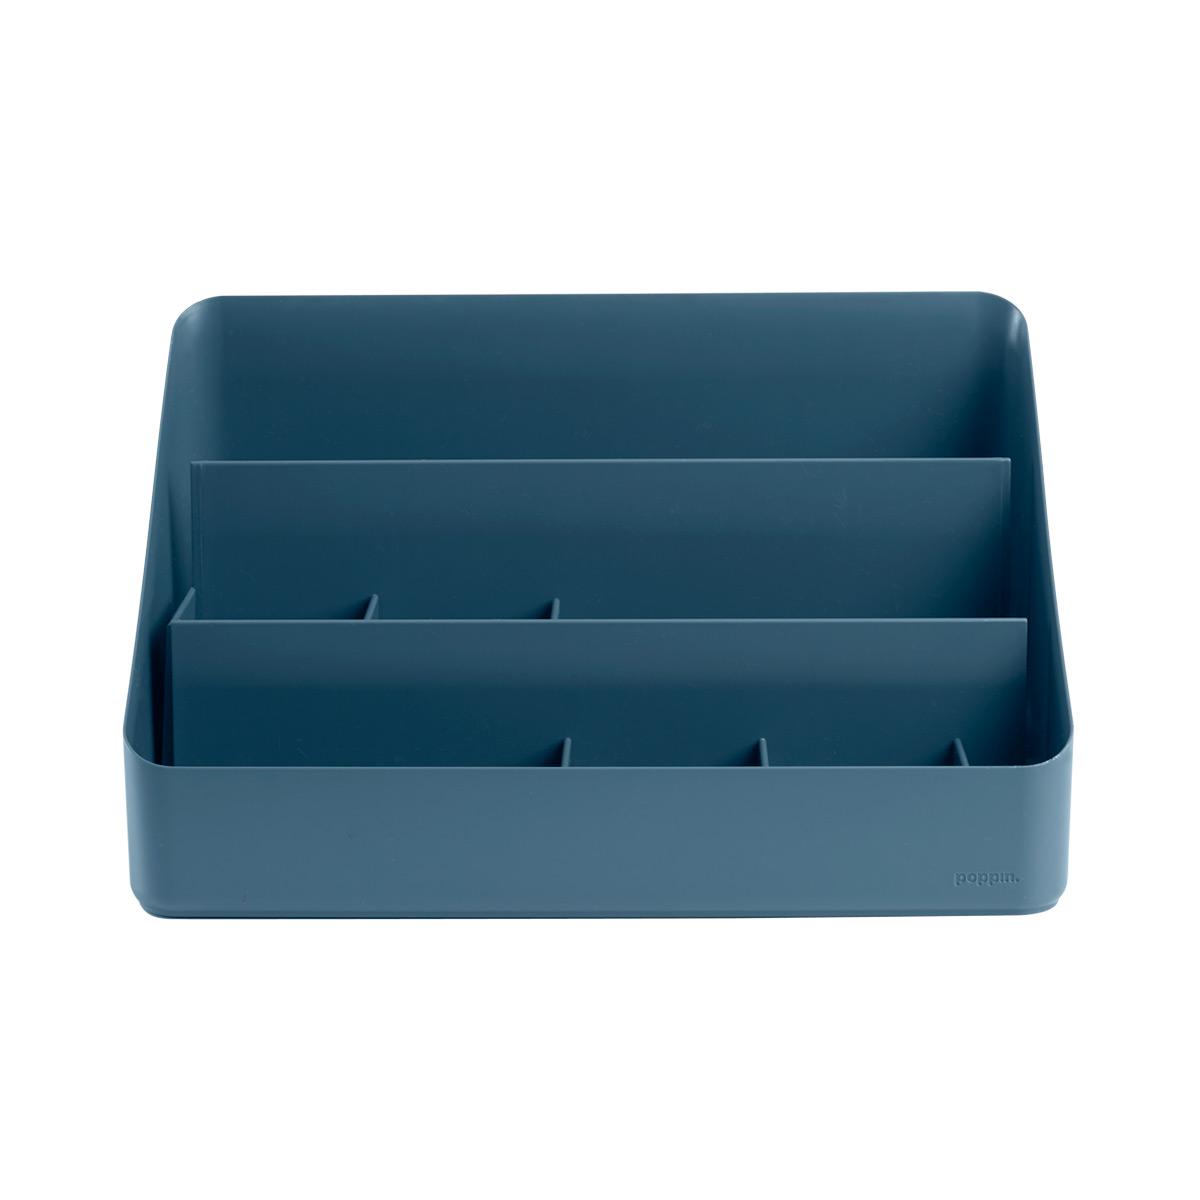 All-in-One Desktop Organizer